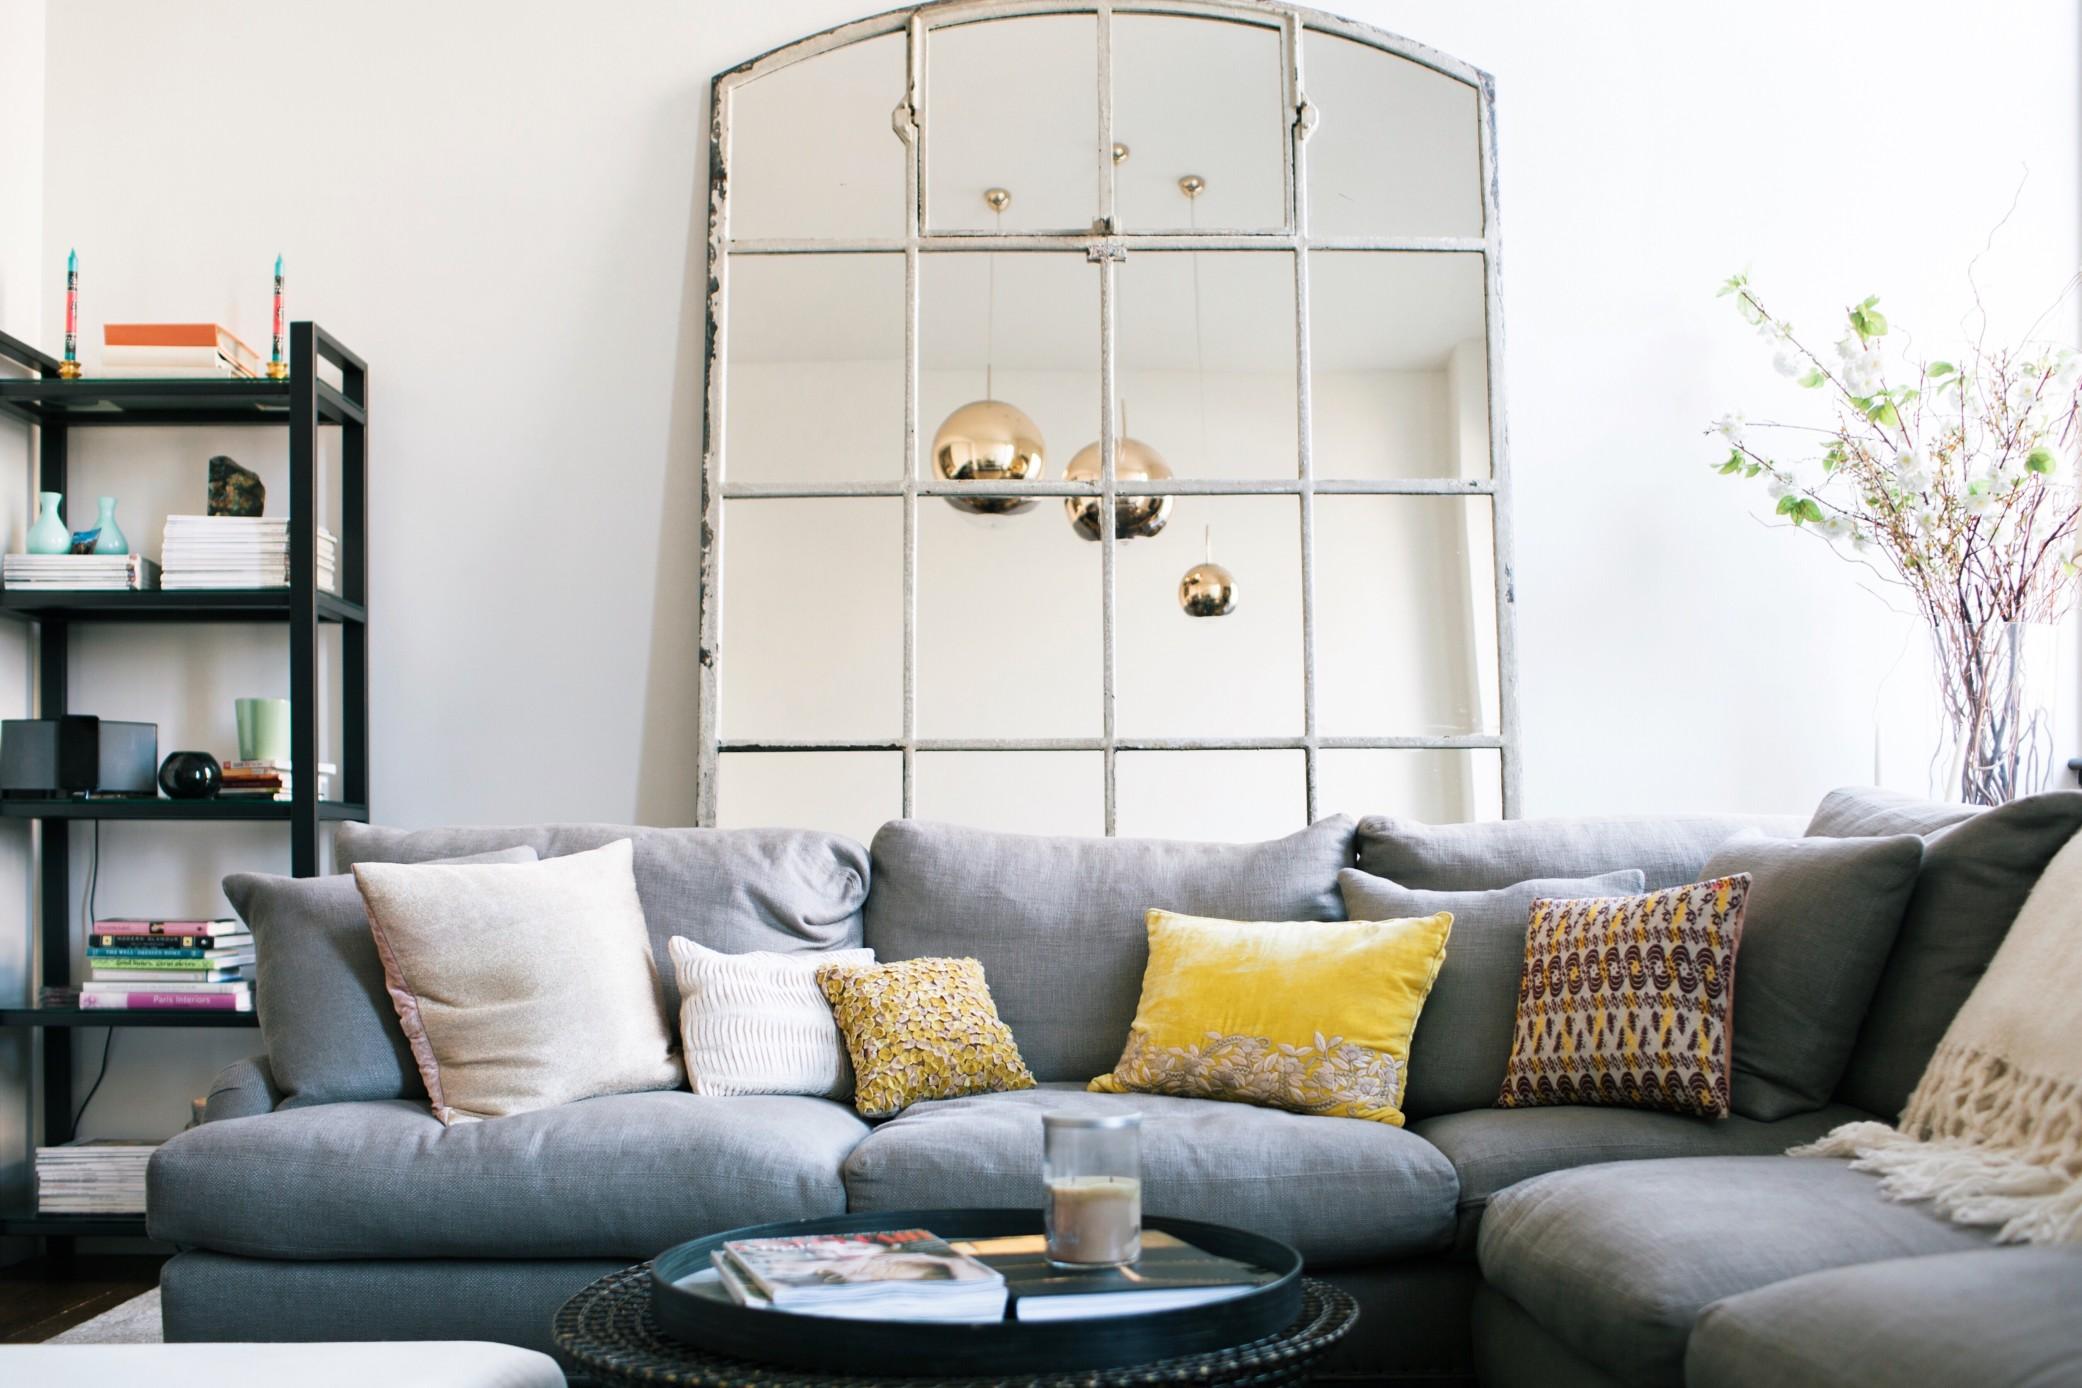 Auch geschmackvolle Einrichtungsgegenstände beeinflussen den Verkaufspreis einer Immobilie. Foto: rmalo5aapi via Twenty20